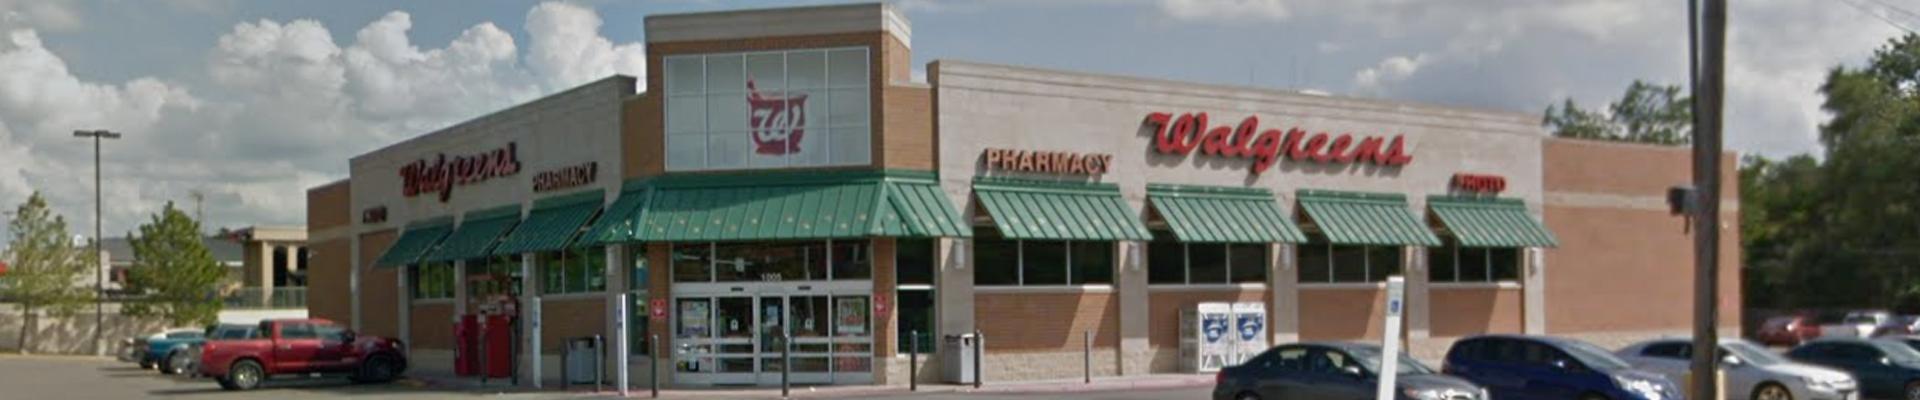 Walgreens – Ada, Oklahoma